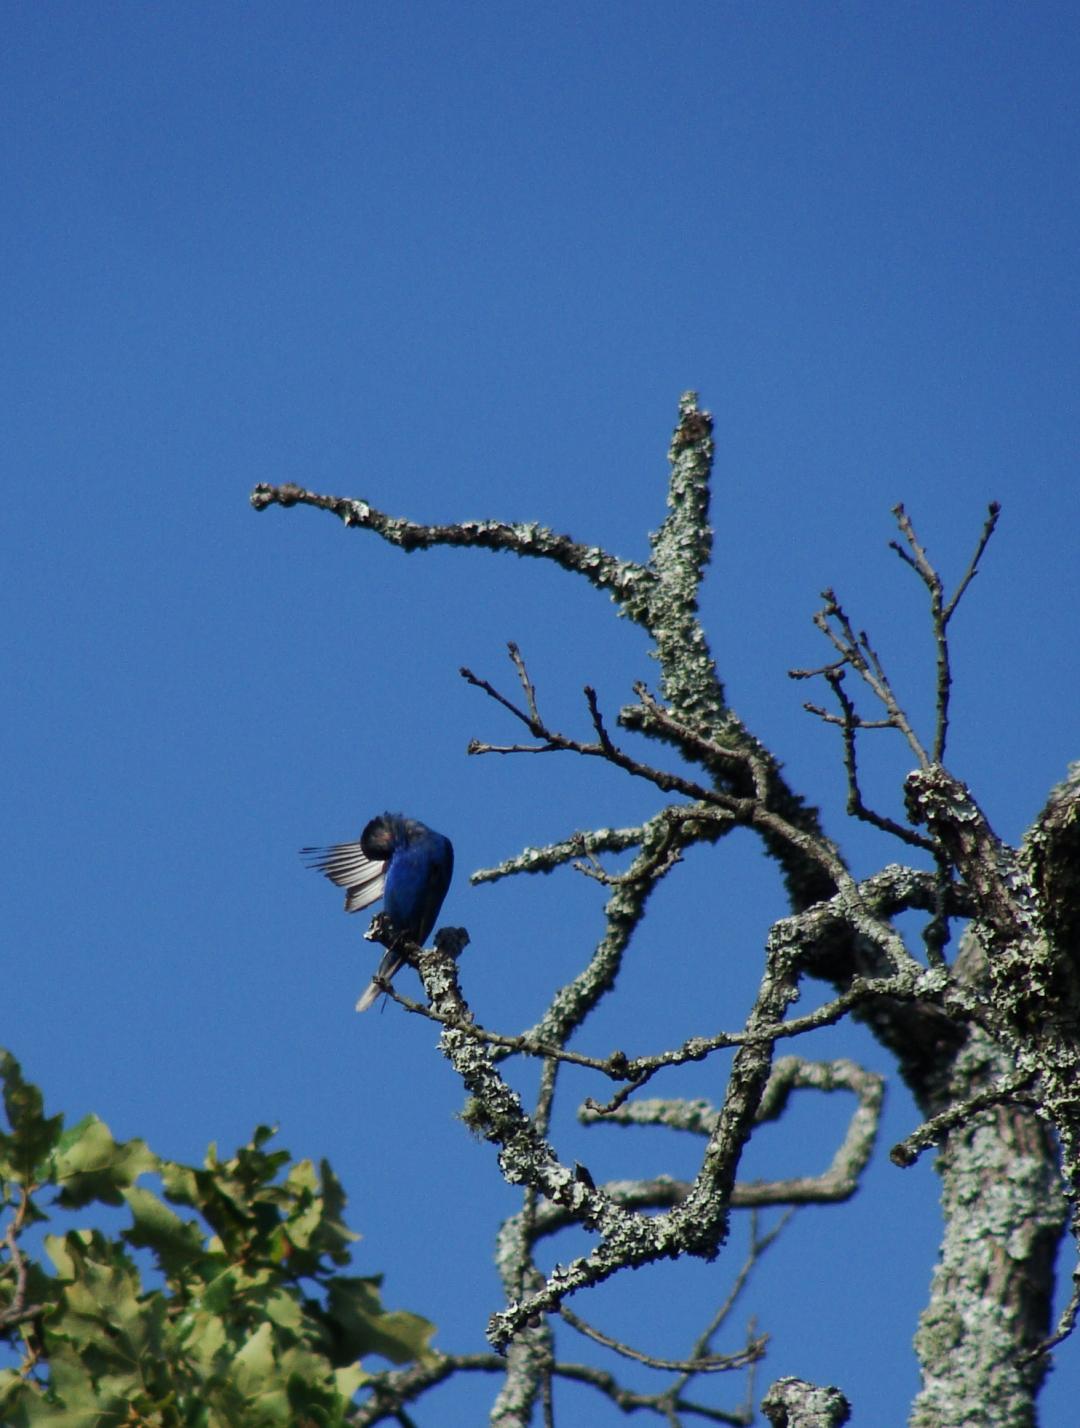 Indigo bunting in tree.